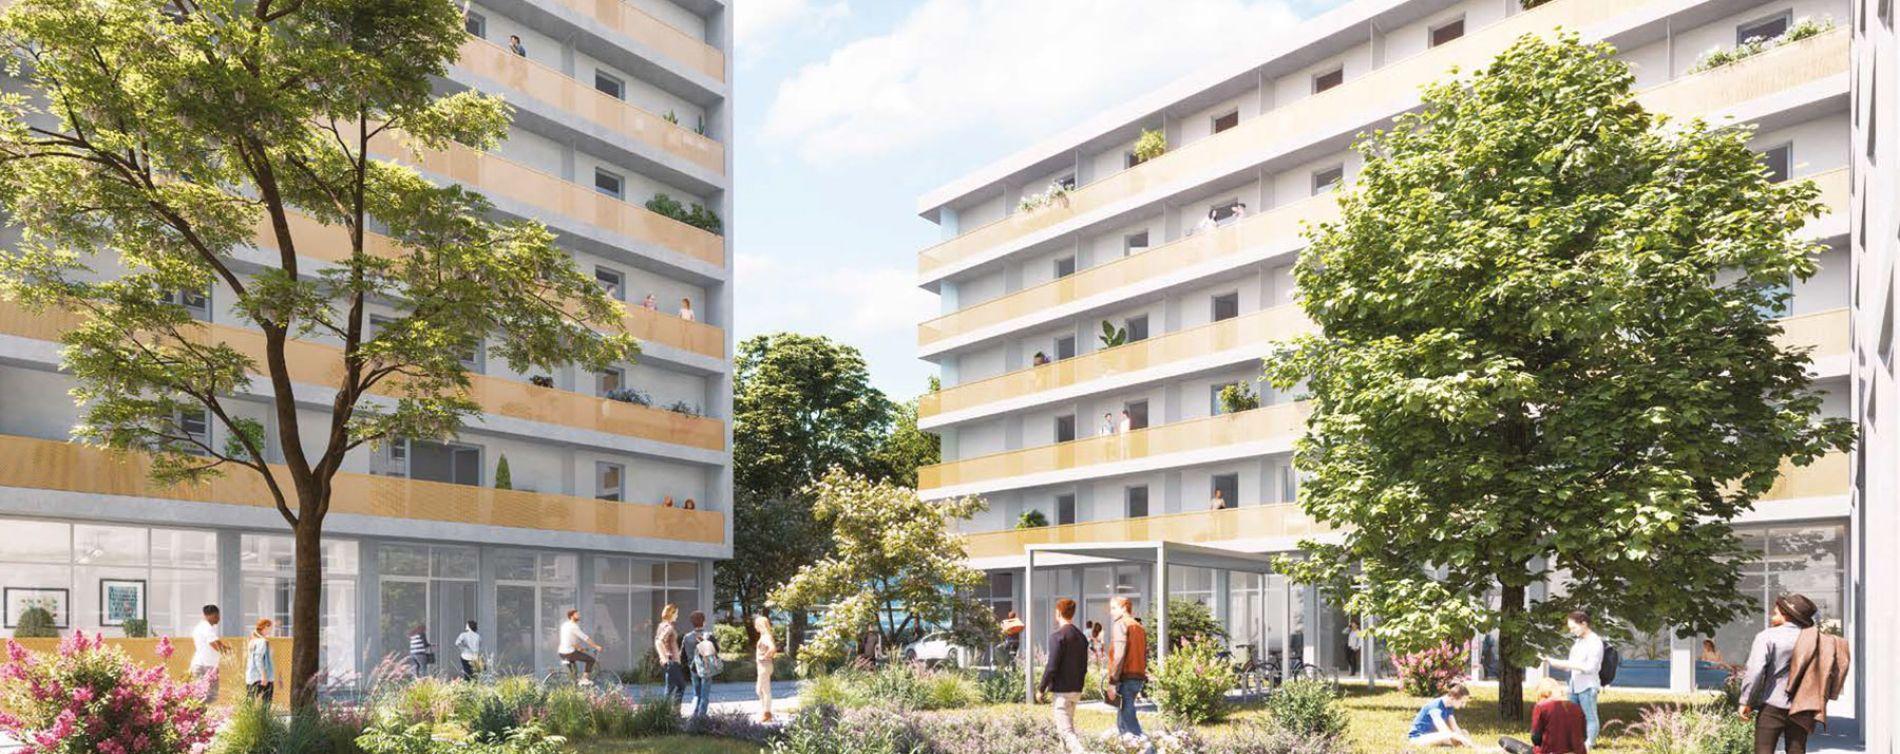 Résidence Campus IAS à Toulouse